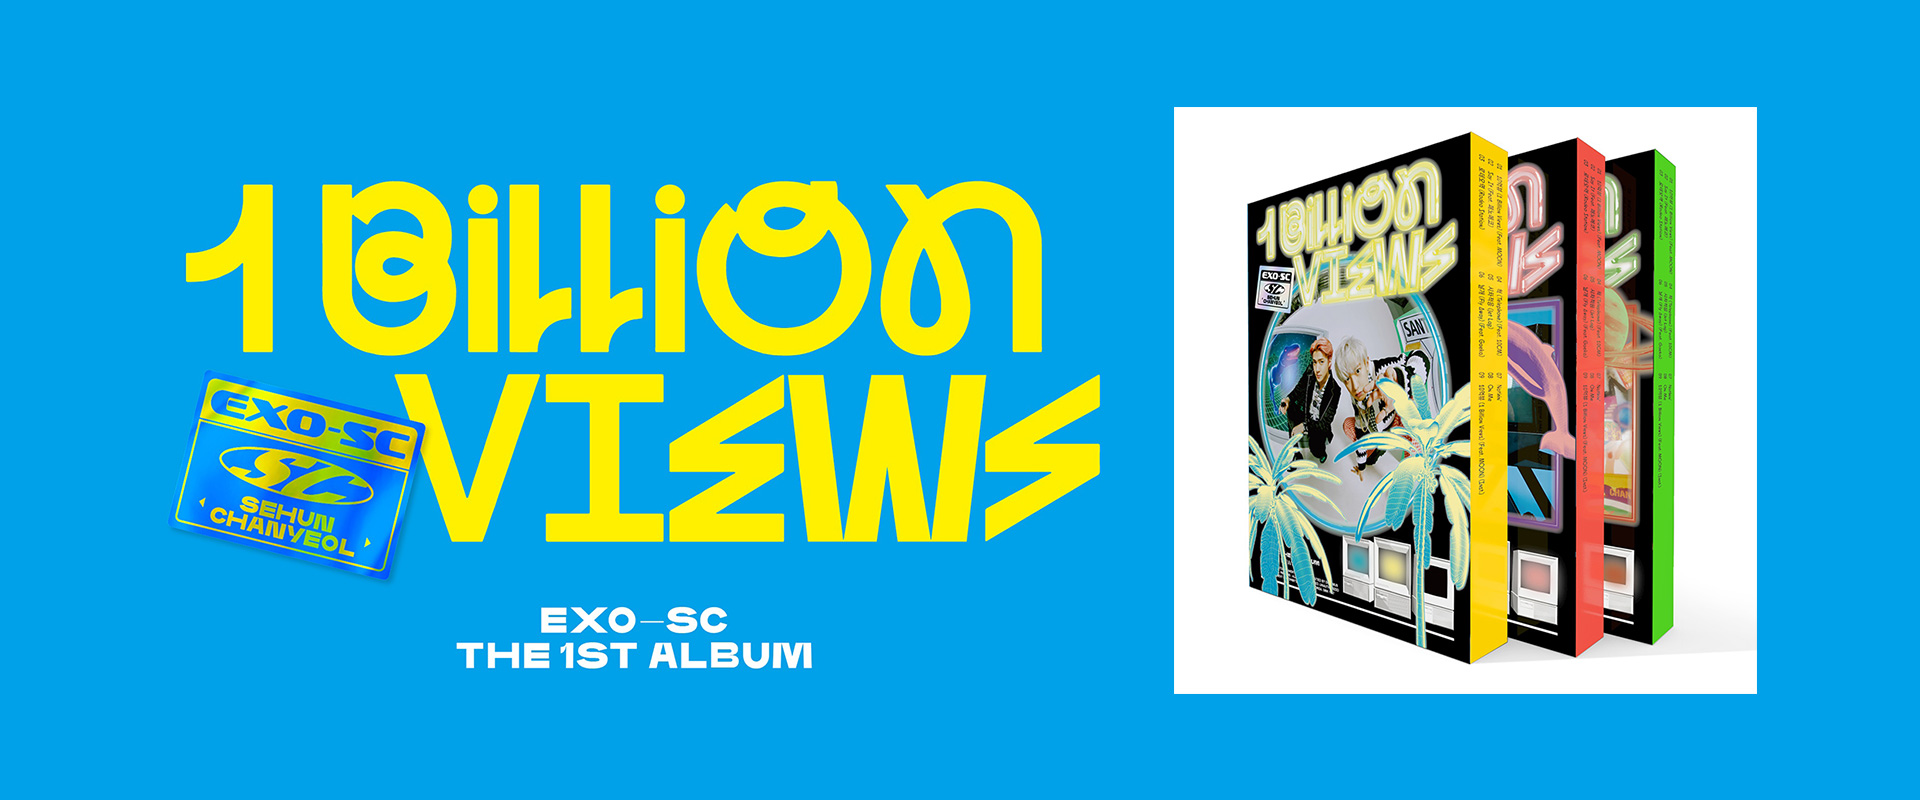 EXO-SC THE 1ST ALBUM『1 Billion Views』オリジナルコメント動画配信中